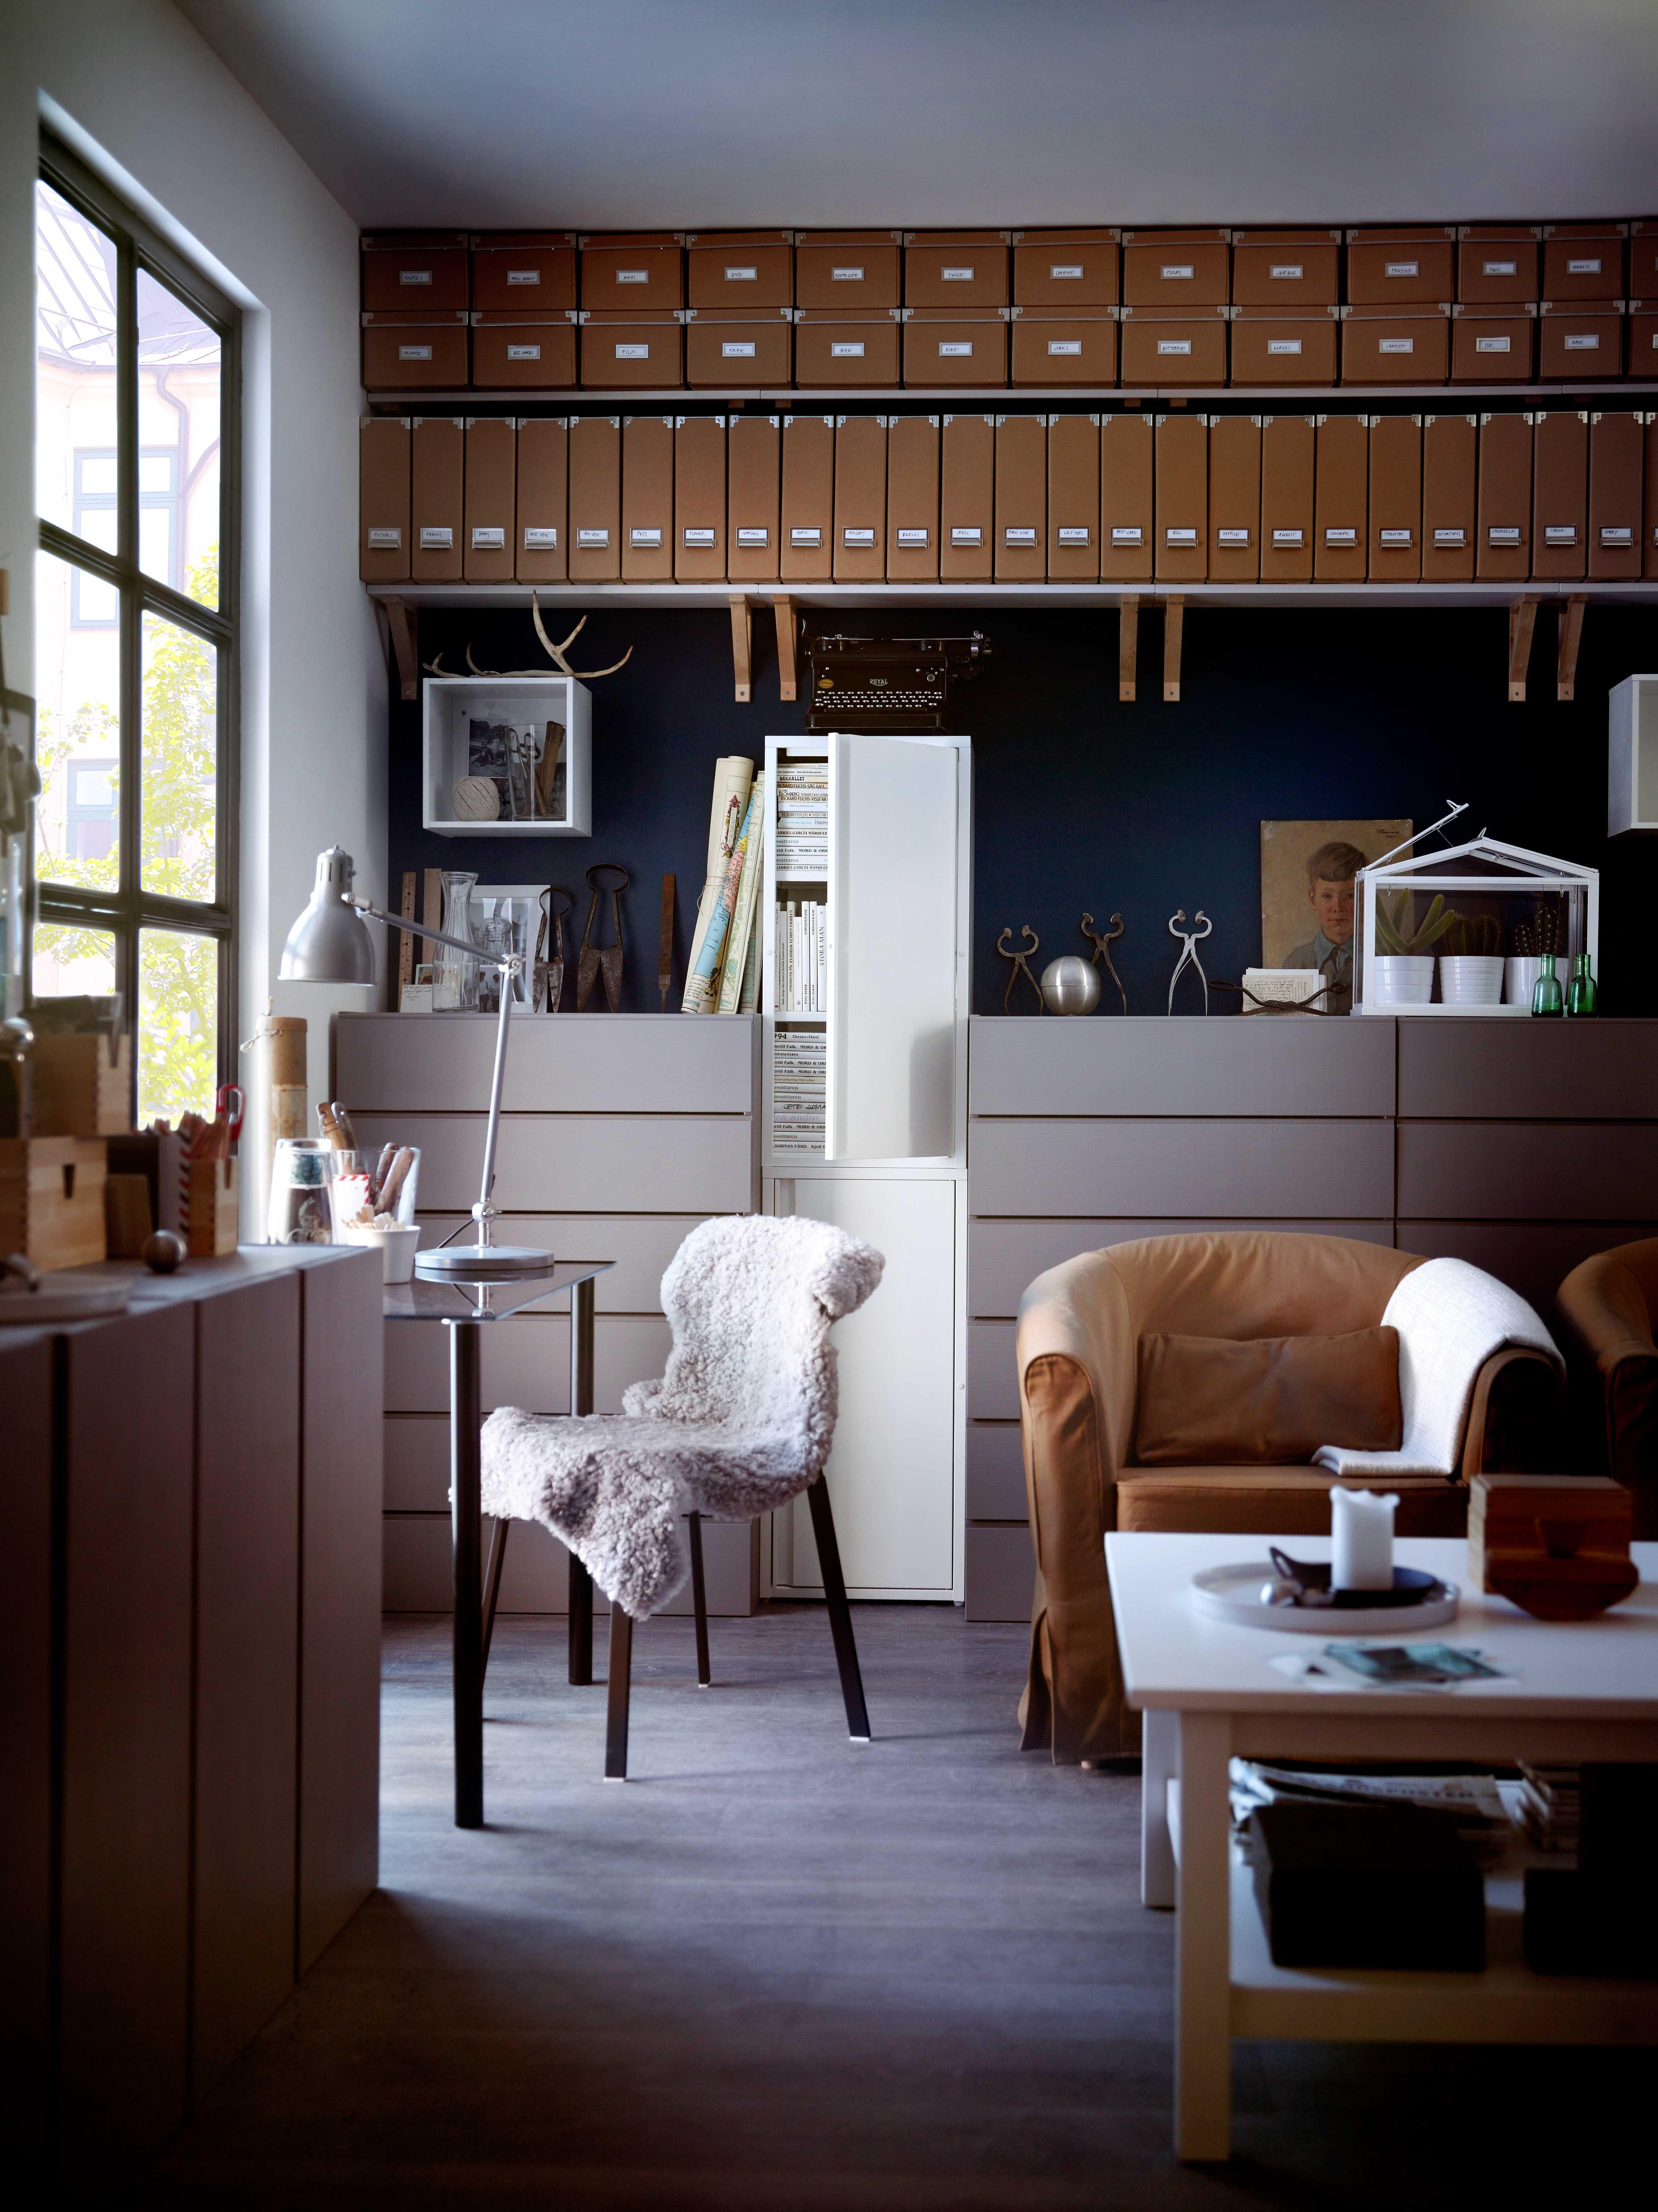 IKEA sterreich Inspiration Wohnzimmer braun Sitzecke Schrank JOSEF Leuchte ARDRegal